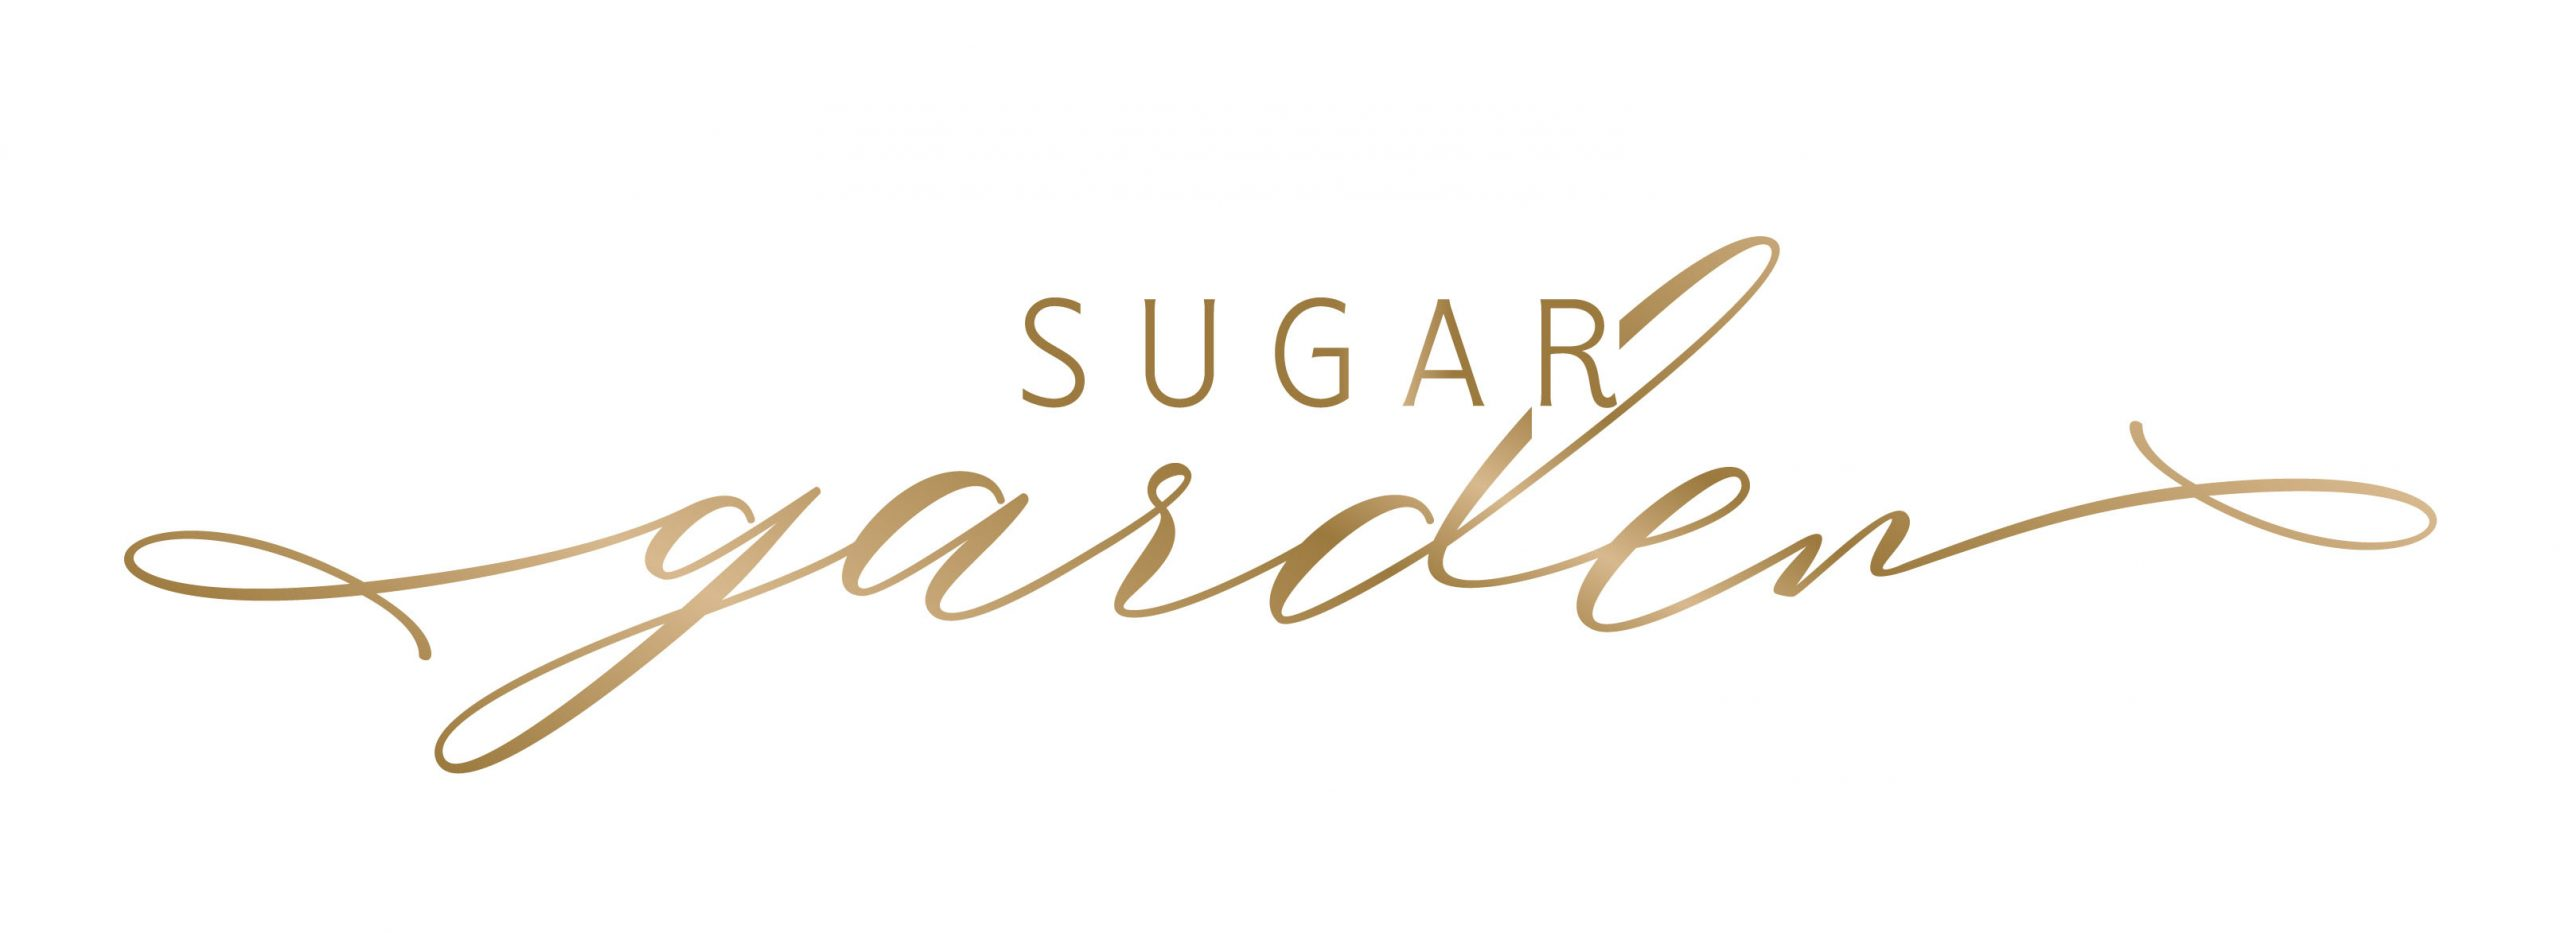 Sugar Garden - De leukste bakspullen & taartdecoratie!